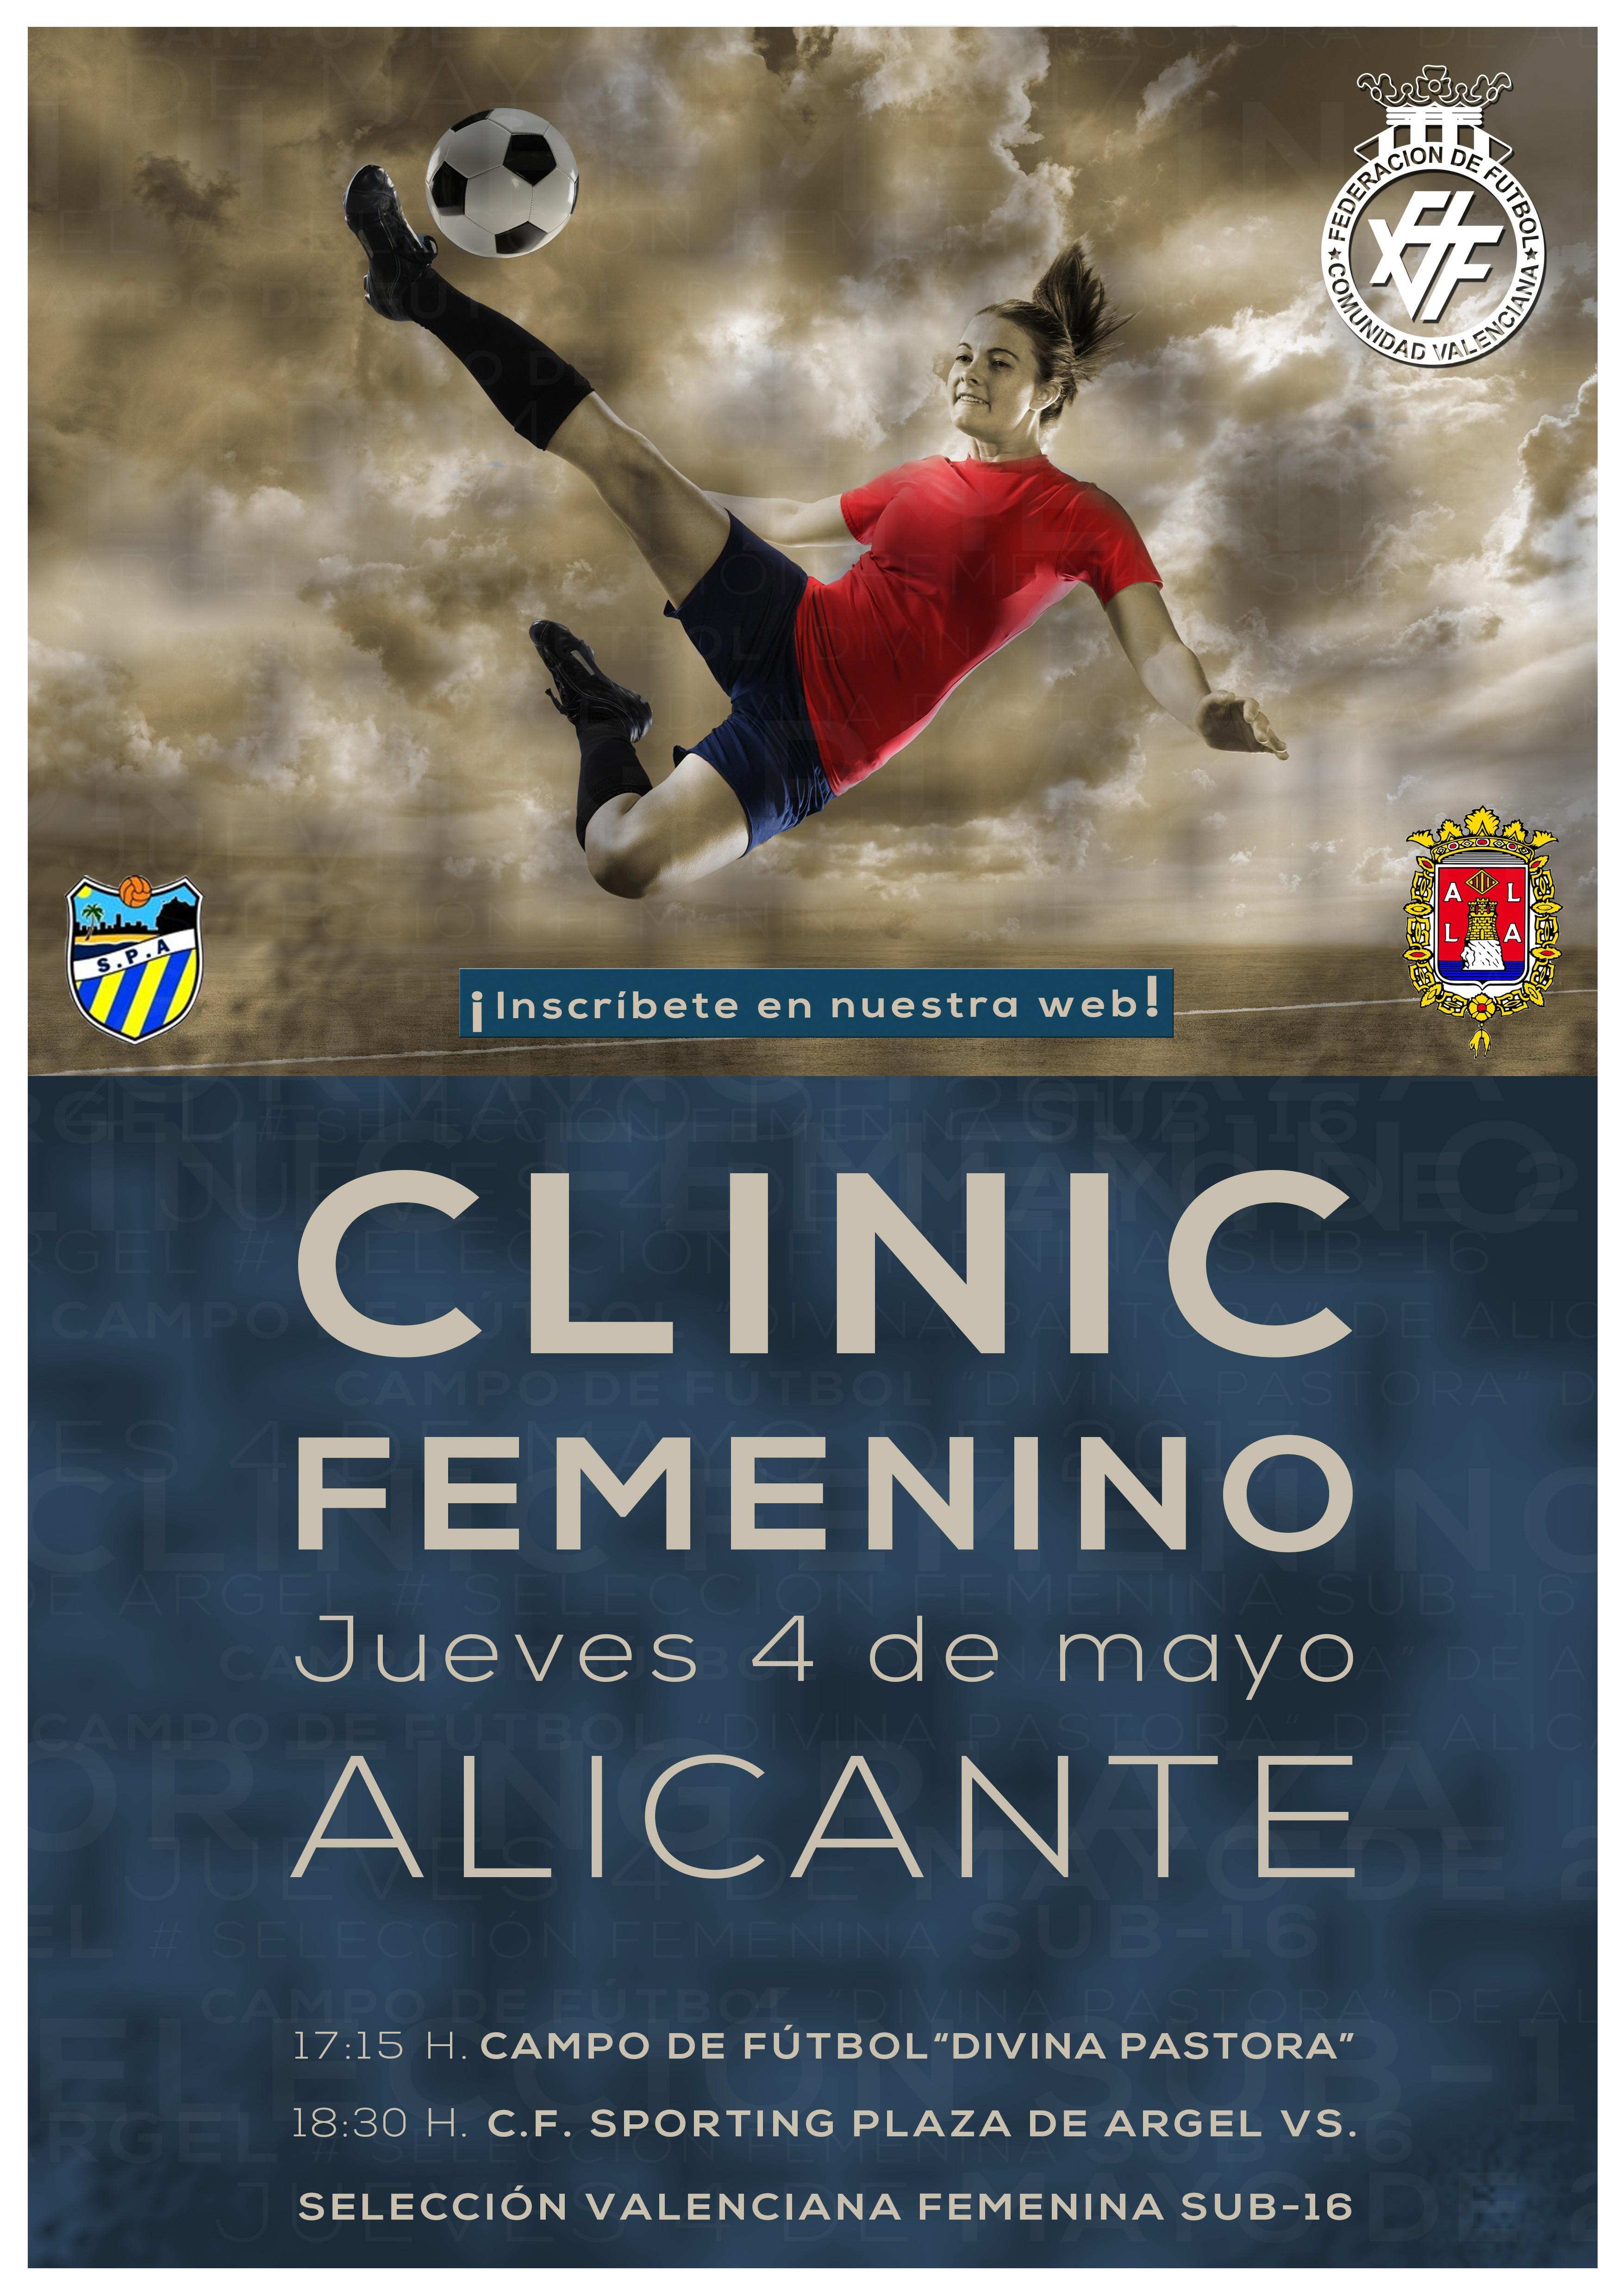 Cl nic de f tbol femenino en alicante ayuntamiento de for Federacion valenciana de futbol